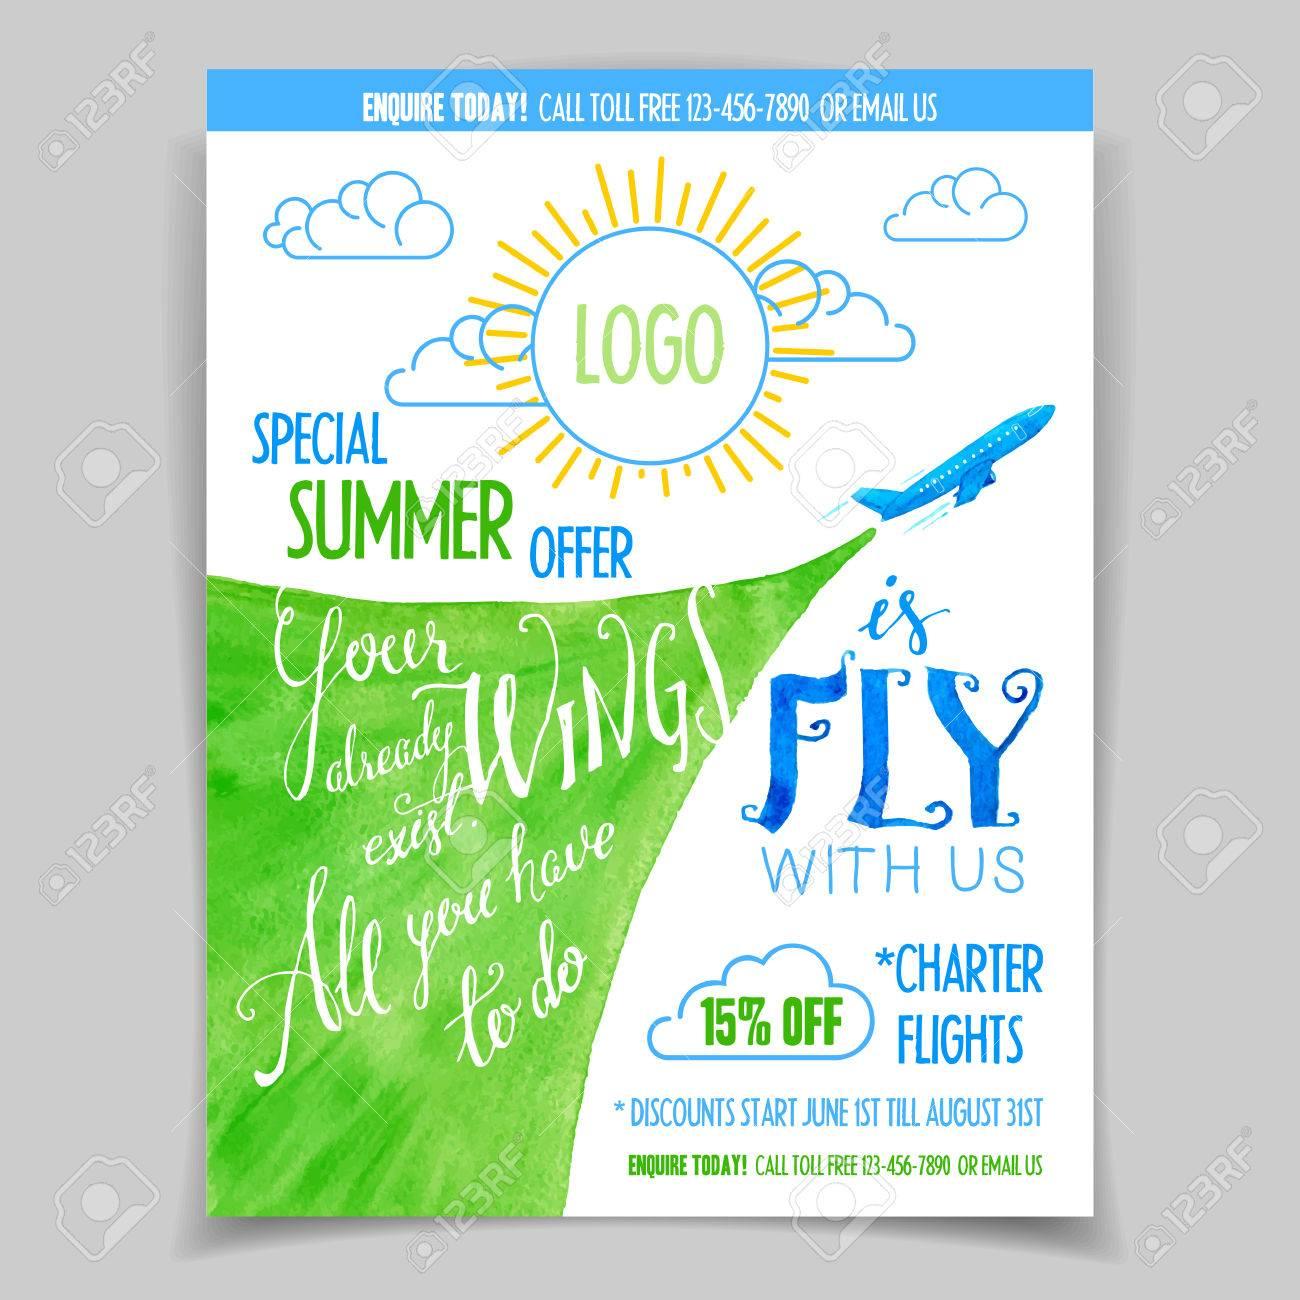 Airline Flyer Oder Poster Spezielle Sommer Angebot Für Flüge